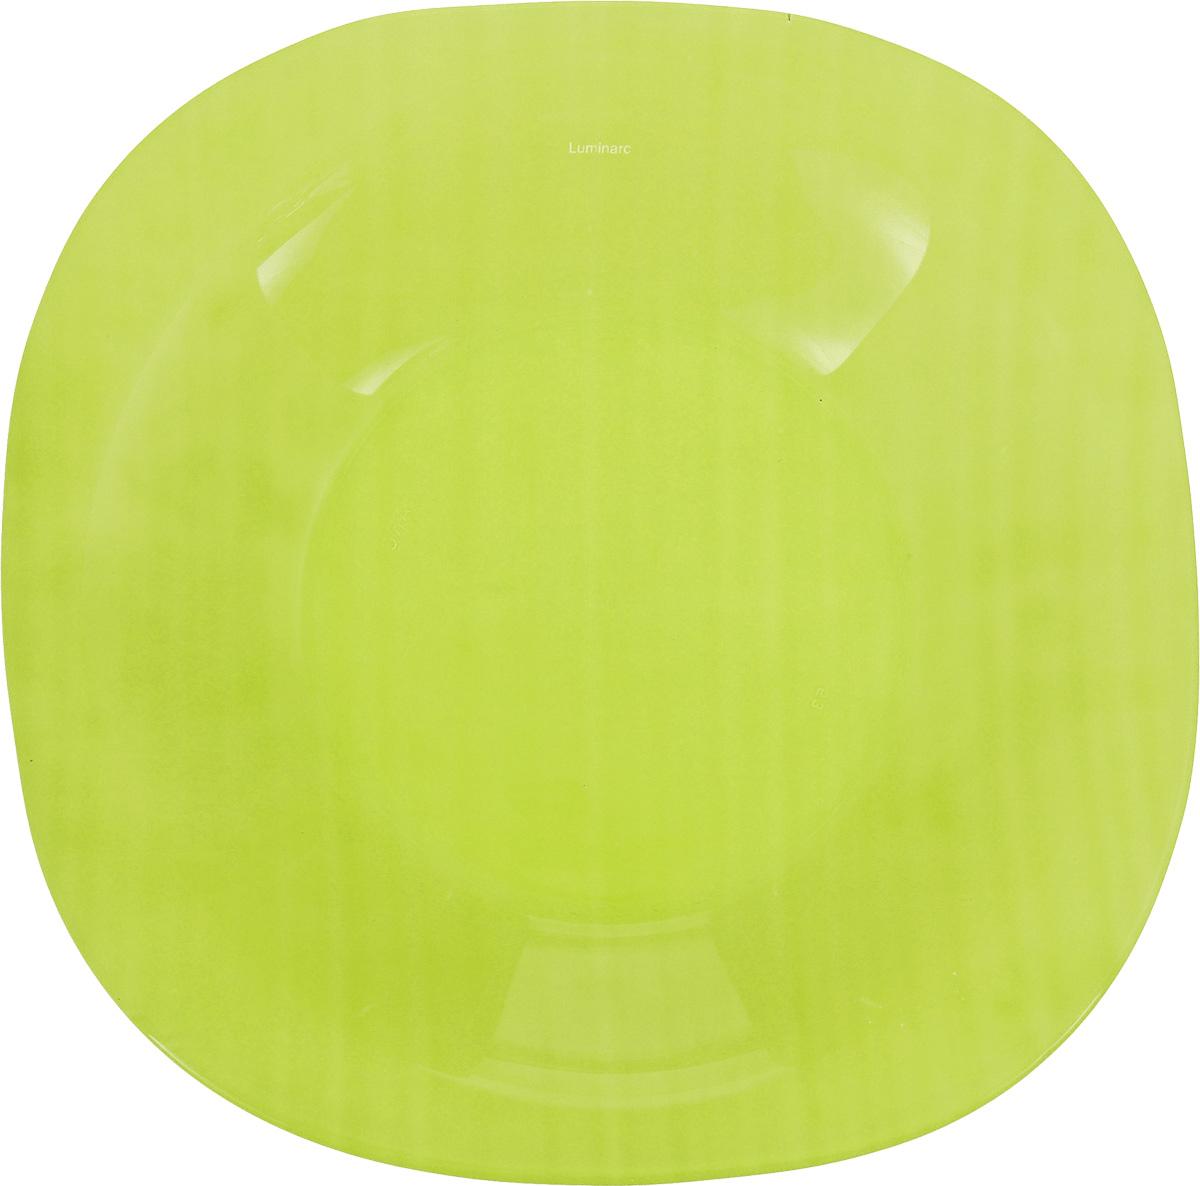 Тарелка глубокая Luminarc Colorama, цвет: зеленый, 20,5 х 20,5 см115510Глубокая тарелка Luminarc Colorama выполнена изударопрочного стекла и оформлена в классическом стиле.Изделие сочетает в себе изысканный дизайн с максимальнойфункциональностью. Она прекрасно впишется винтерьер вашей кухни и станет достойным дополнениемк кухонному инвентарю. Тарелка Luminarc Colorama подчеркнет прекрасный вкус хозяйкии станет отличным подарком. Размер (по верхнему краю): 20,5 х 20,5 см.